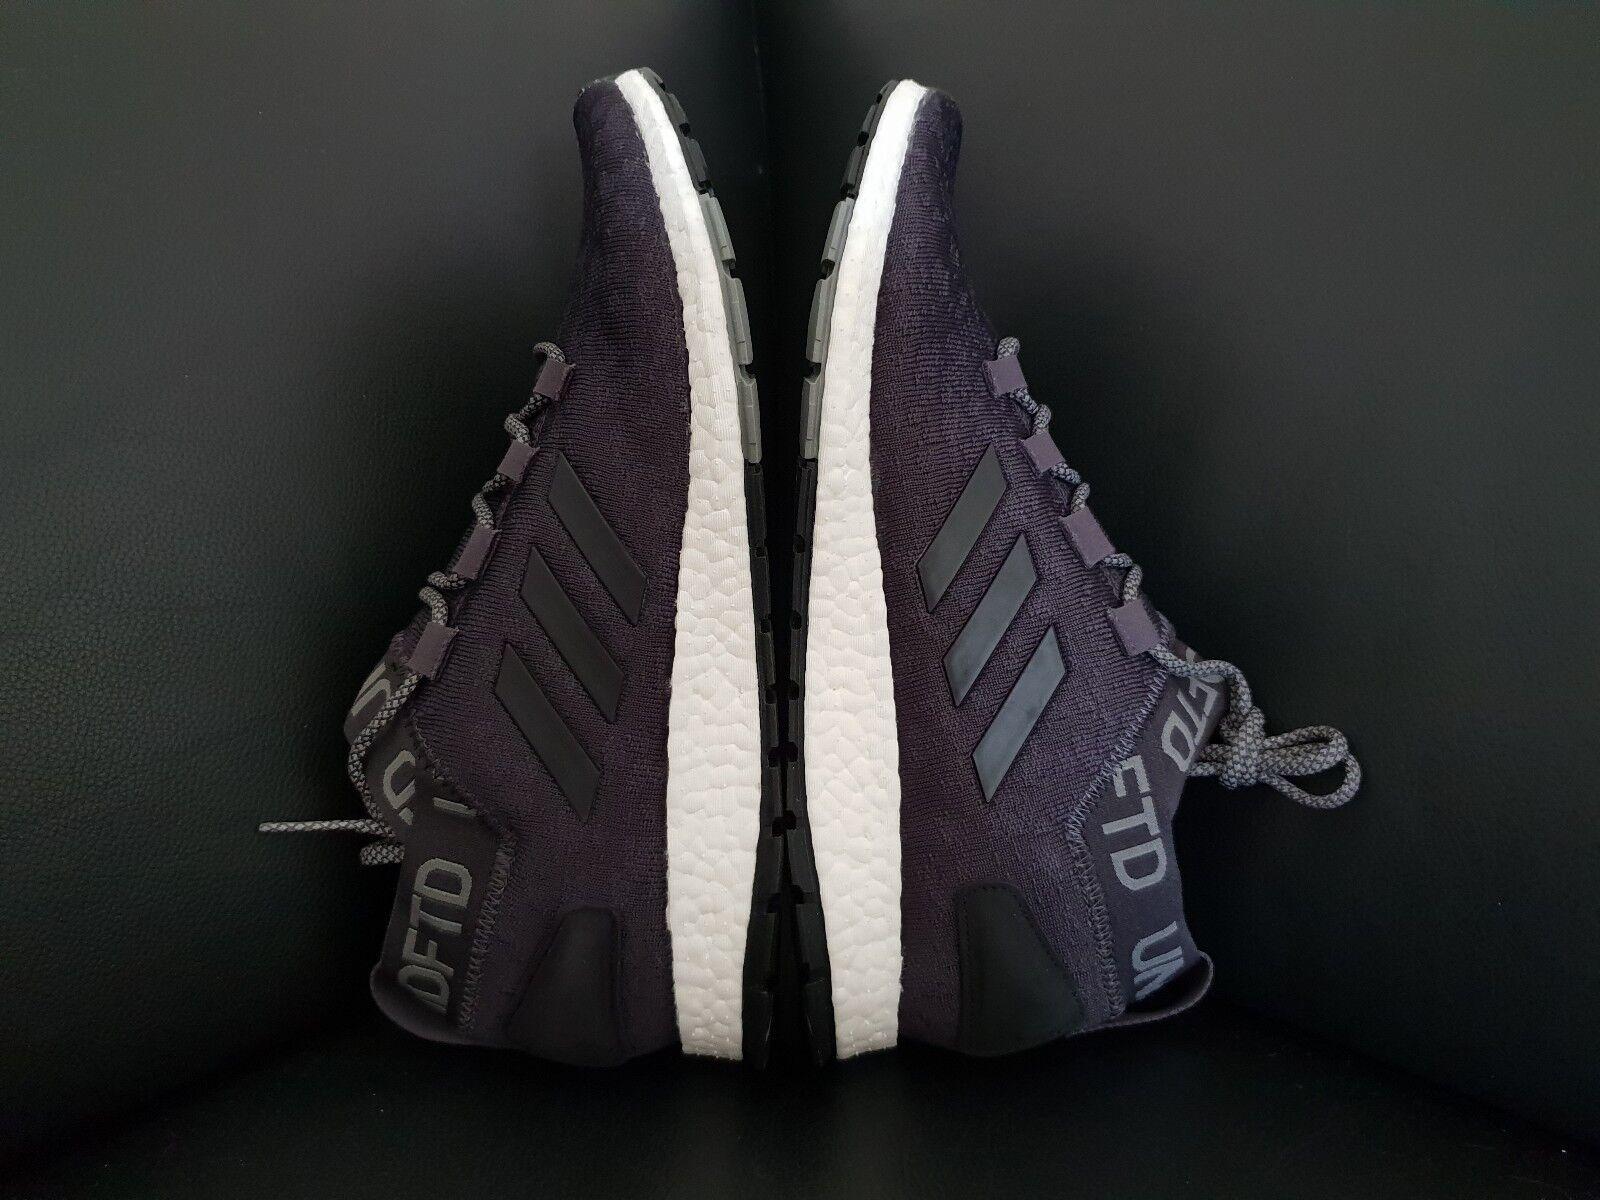 Adidas X Undefeated Undefeated Undefeated Pure Boost RBL, nero, (BC0473), 10 US c6e7d9